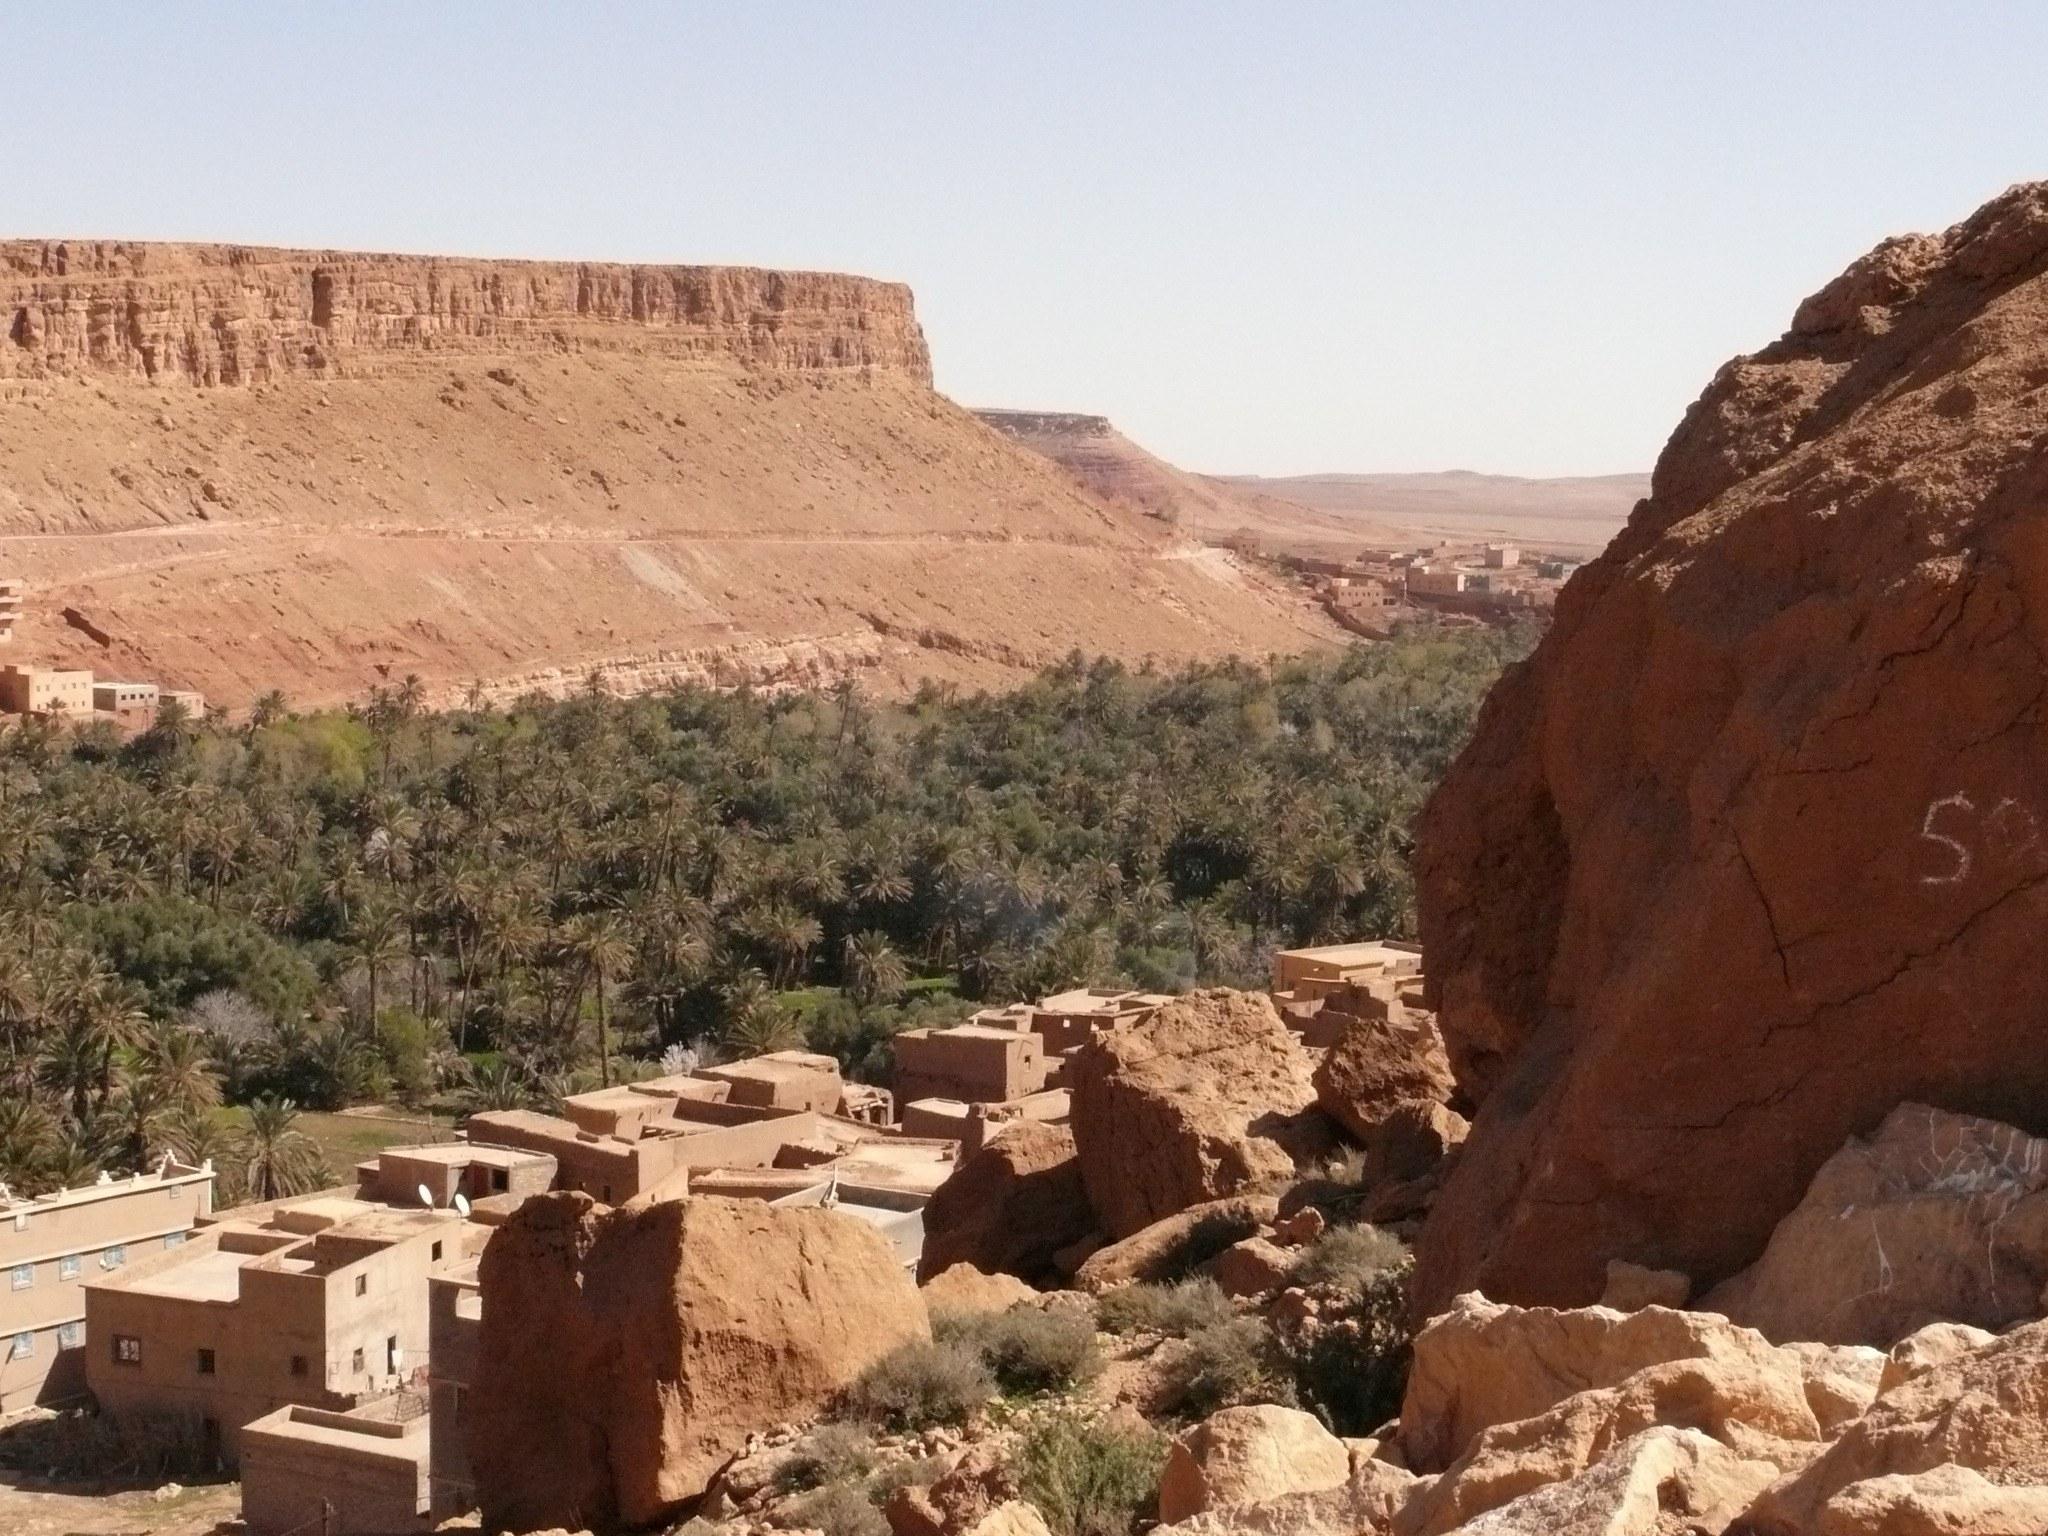 Vêtements pour le Maroc : que choisir pour votre voyage ?